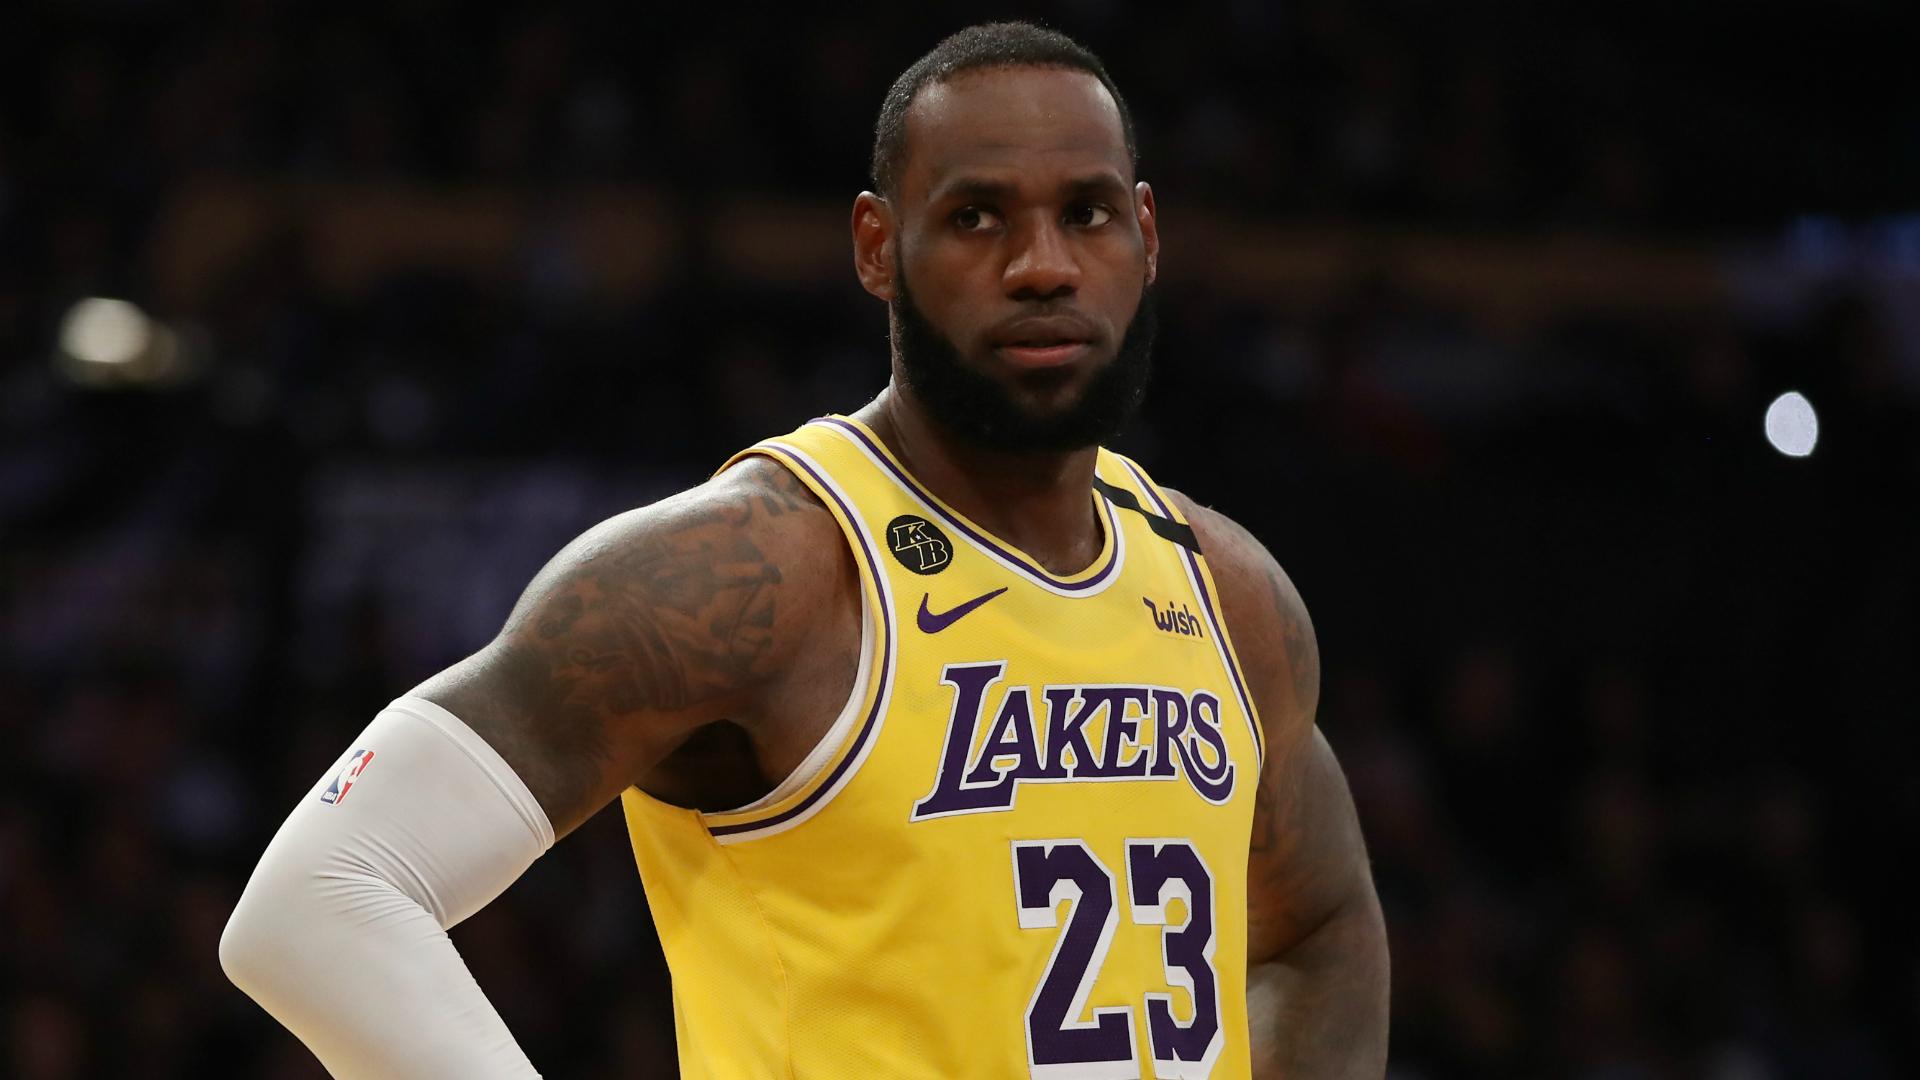 LeBron James dice que no hay emoción o alegría en los deportes sin fanáticos 51